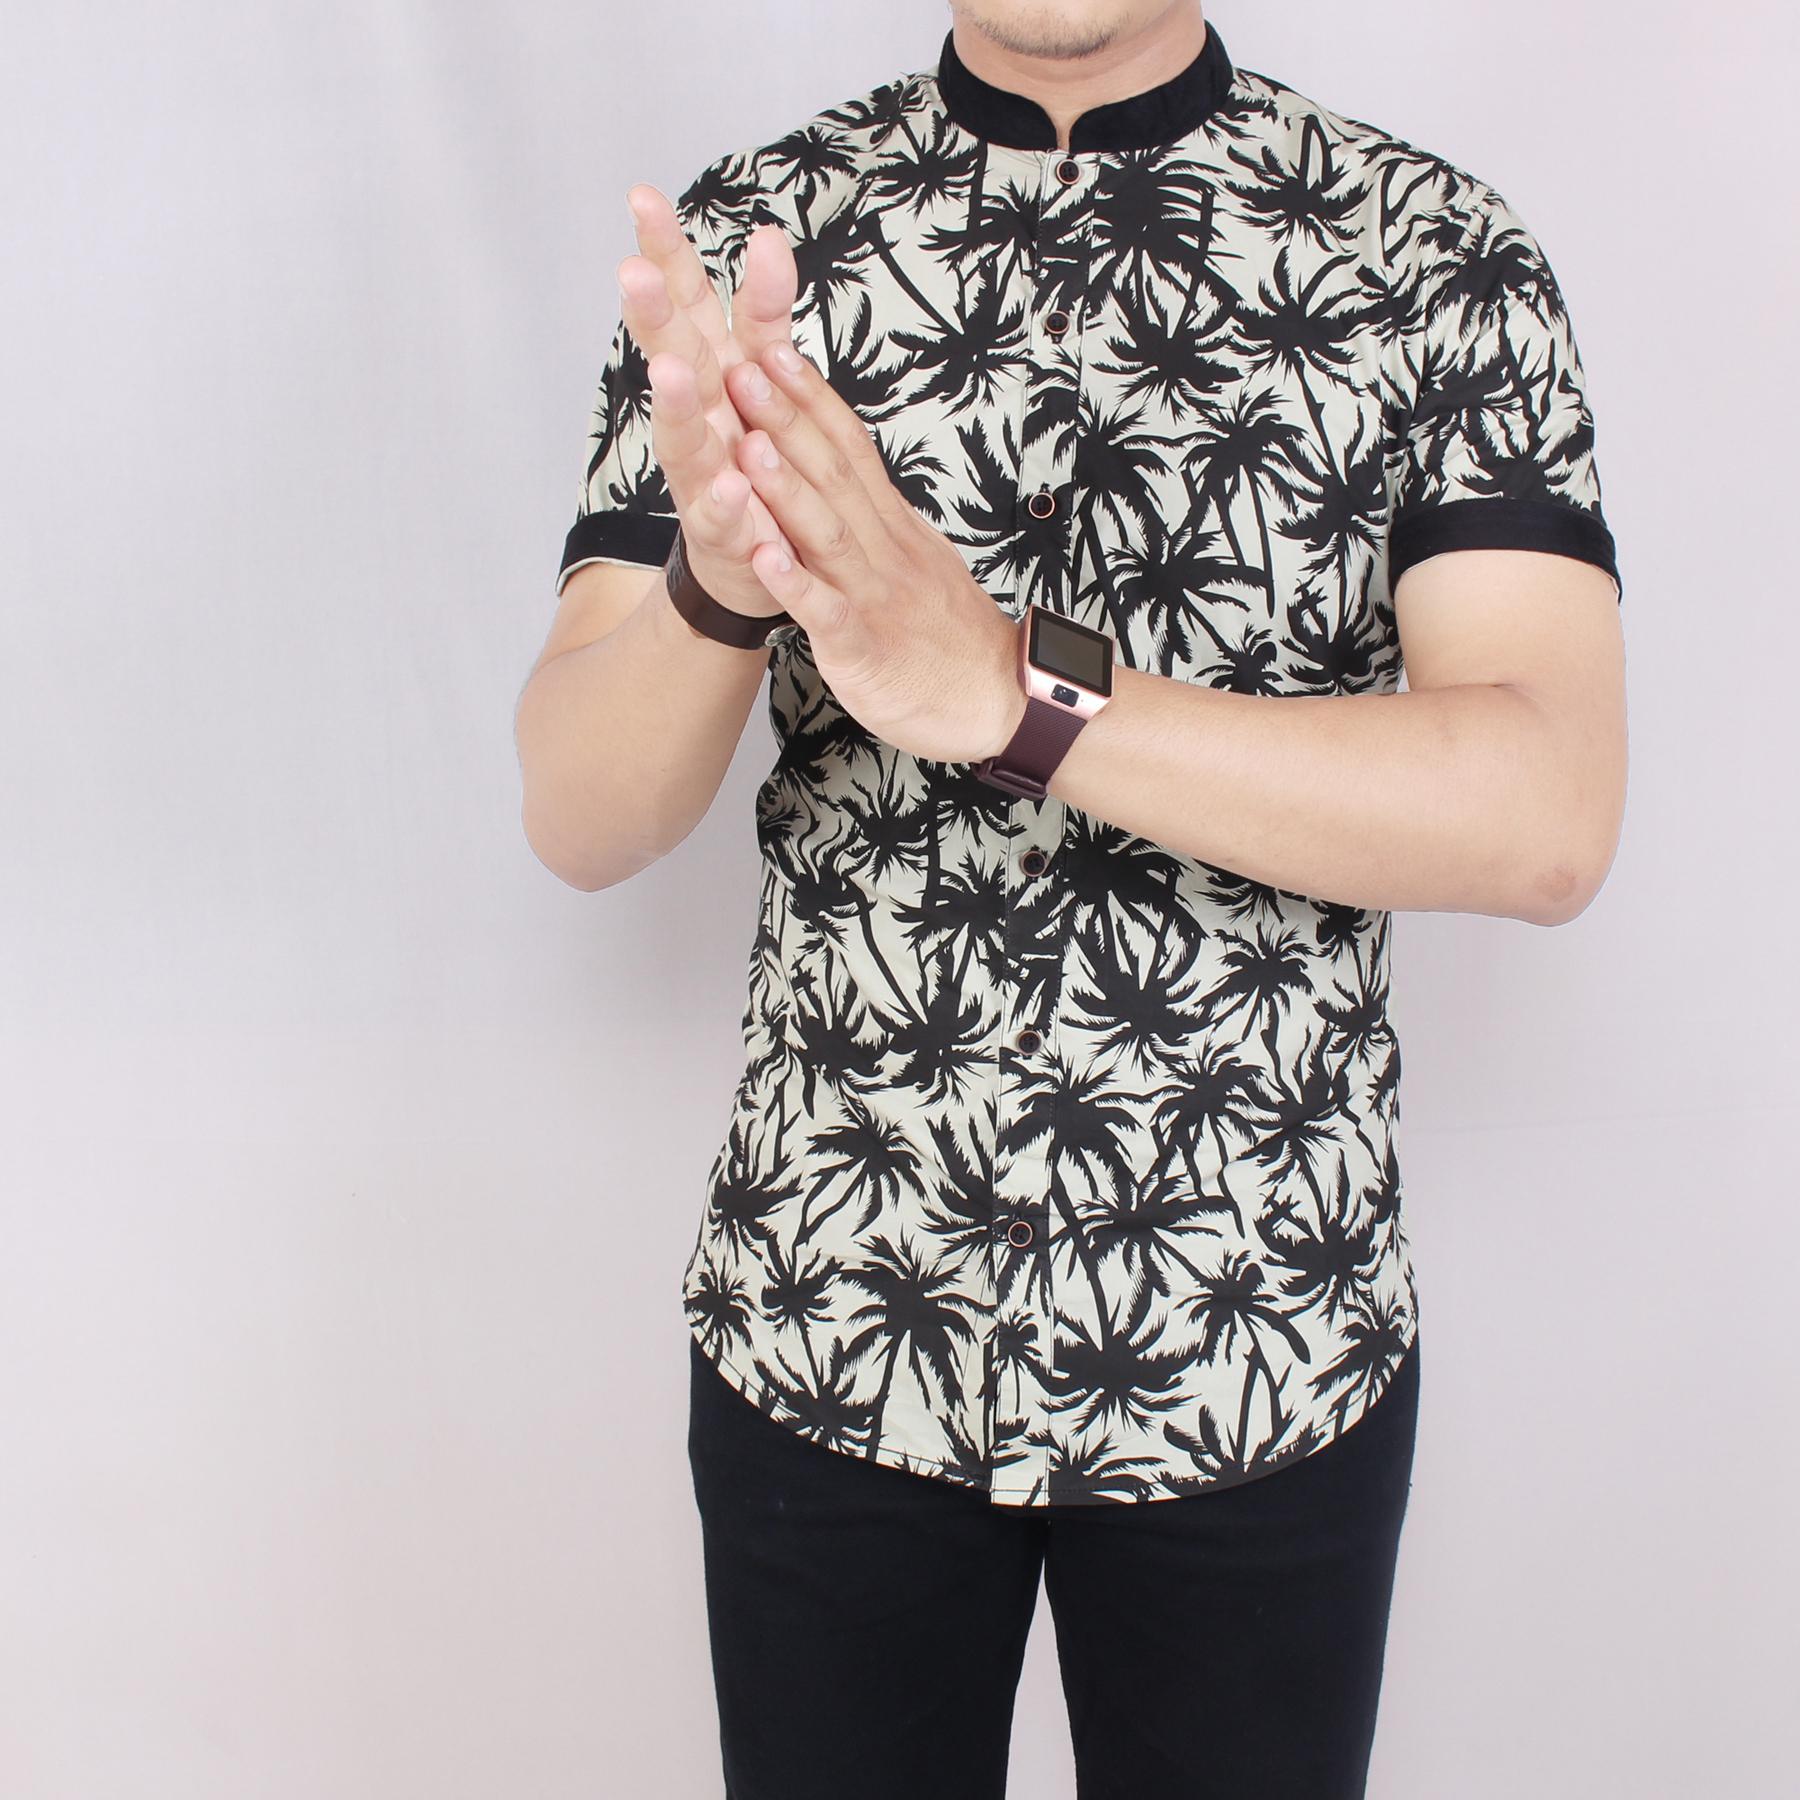 Zoeystore1 5614 Kemeja Printing Pria Lengan Pendek Exclusive Baju Kemeja Print Cowok Kerja Kantoran Formal Kemeja Distro Kerah Sanghai Wheat Coconut